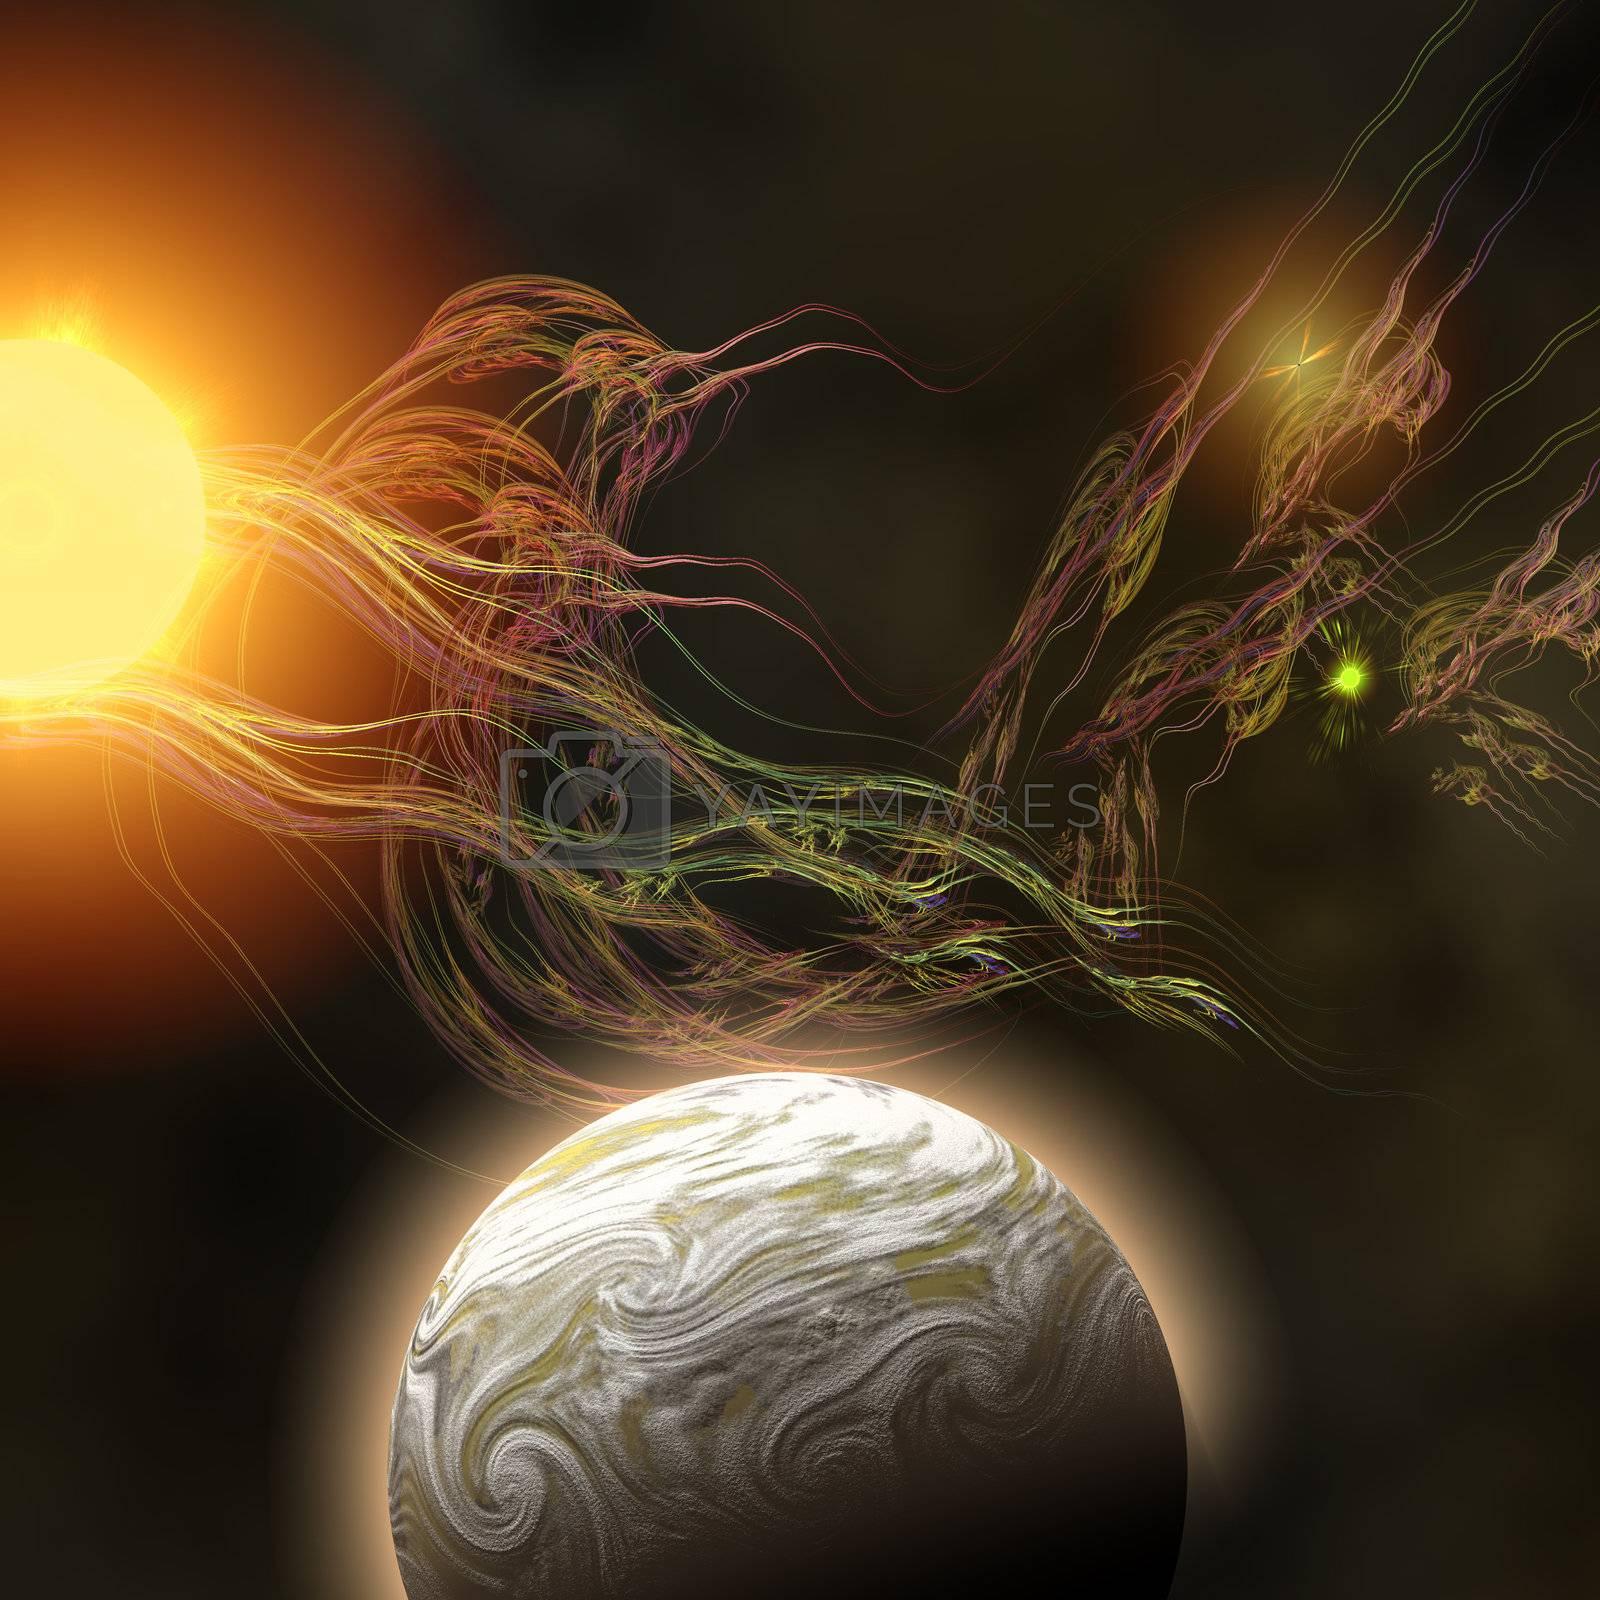 A huge sun radiates solar flares toward a nearby planet.